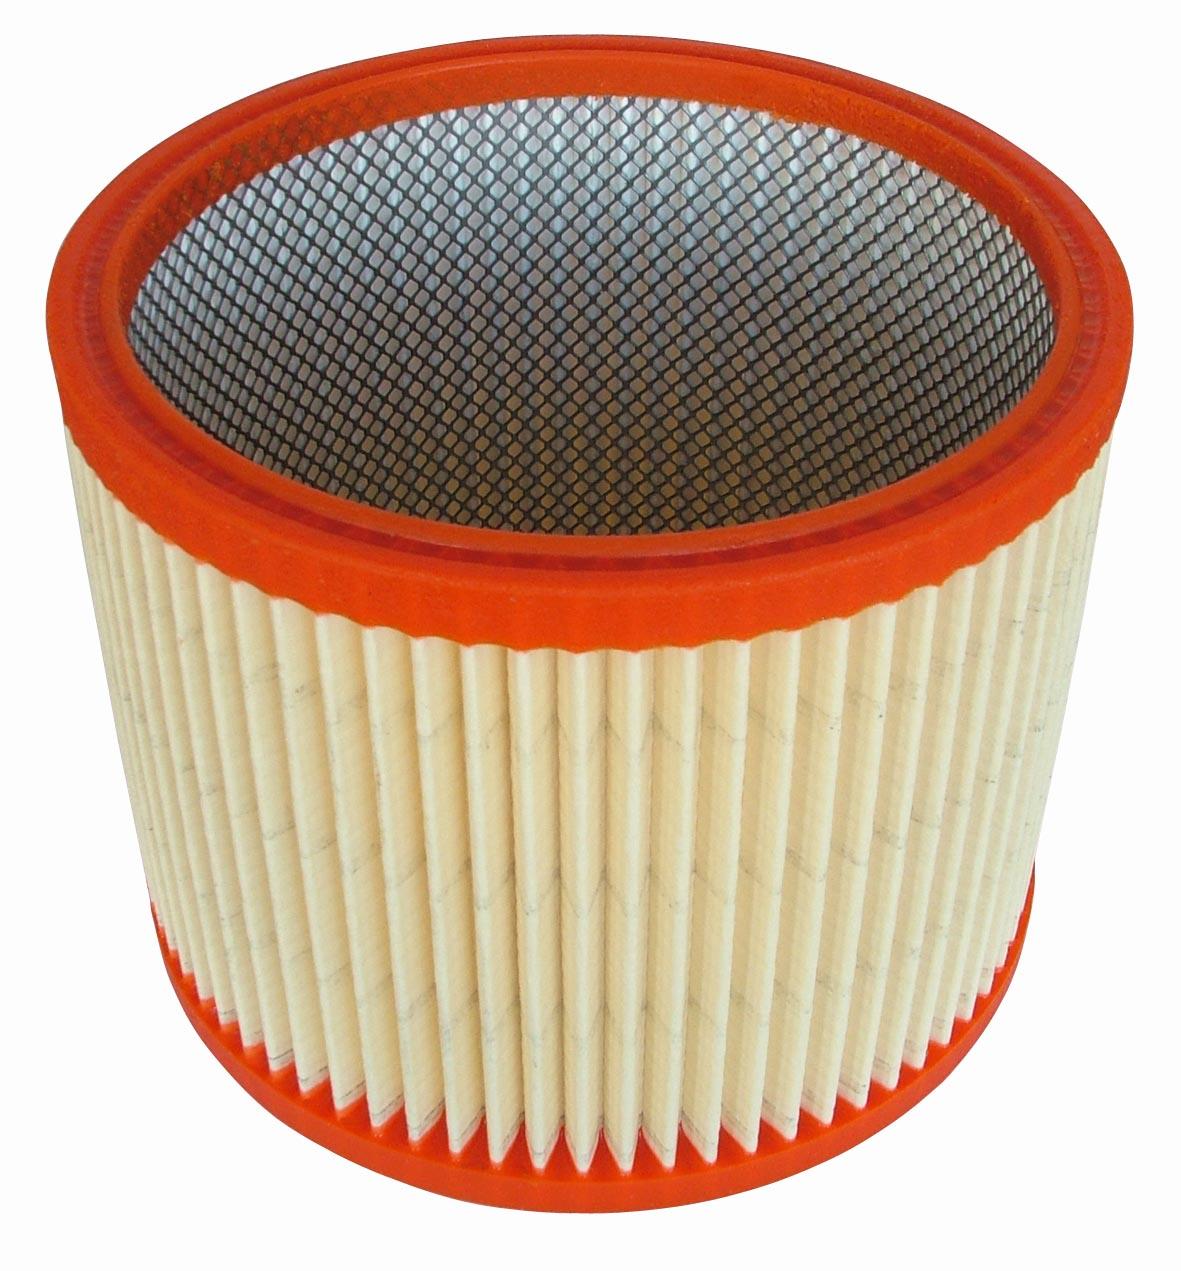 Accessori aspirapolveri e aspiraliquidi filtro hepa lavor shop - Aspirapolvere per piscina ...